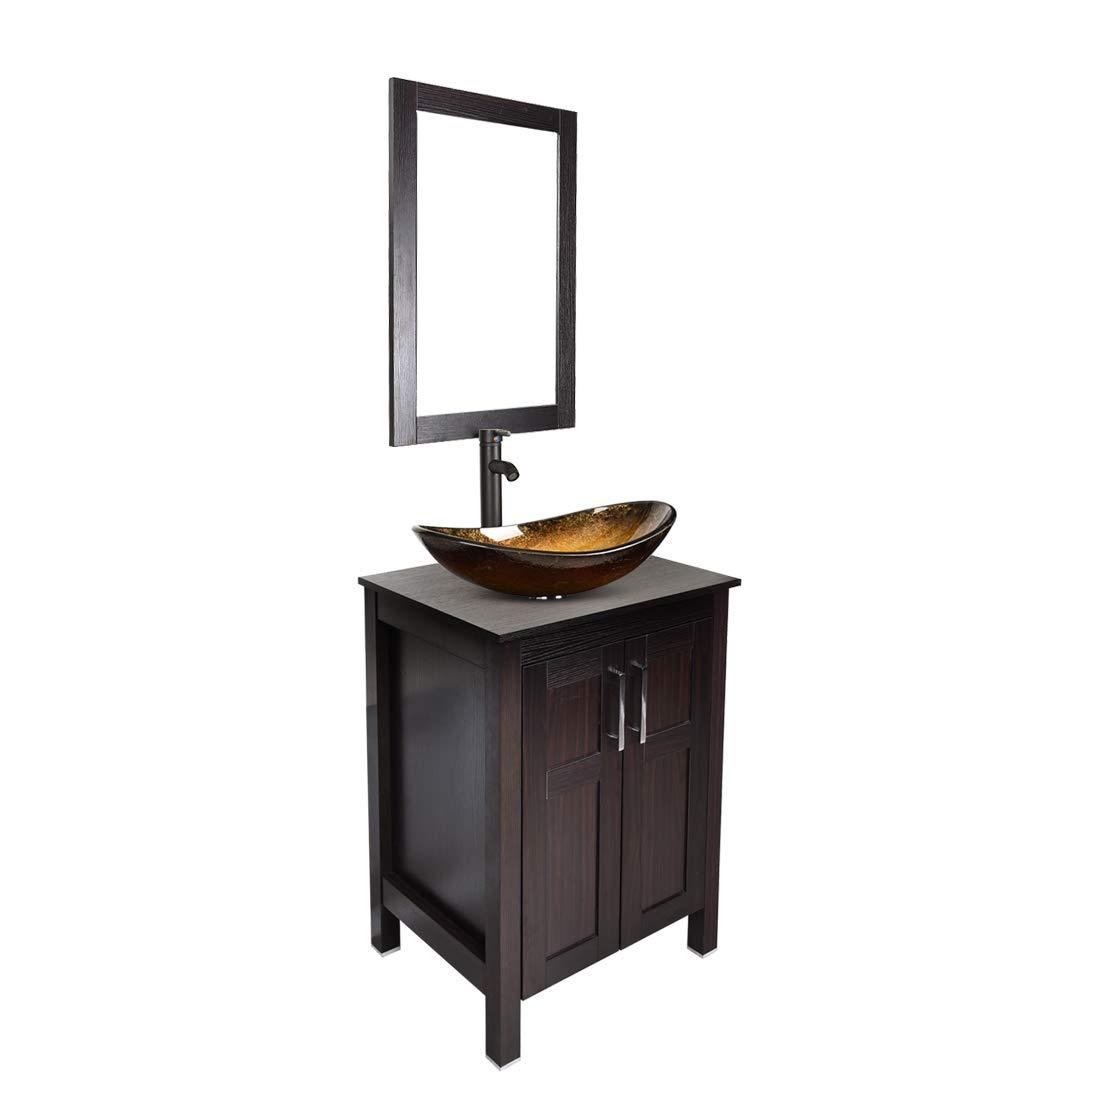 Bathroom vanities 24 inch with Sink - Freestanding Eco MDF Sink Cabinet Vanity Organizers with Counter Top Glass VesselSink Vanity Mirror and 1.5 GPM Faucet Combo (Vanity+Golden Sink)